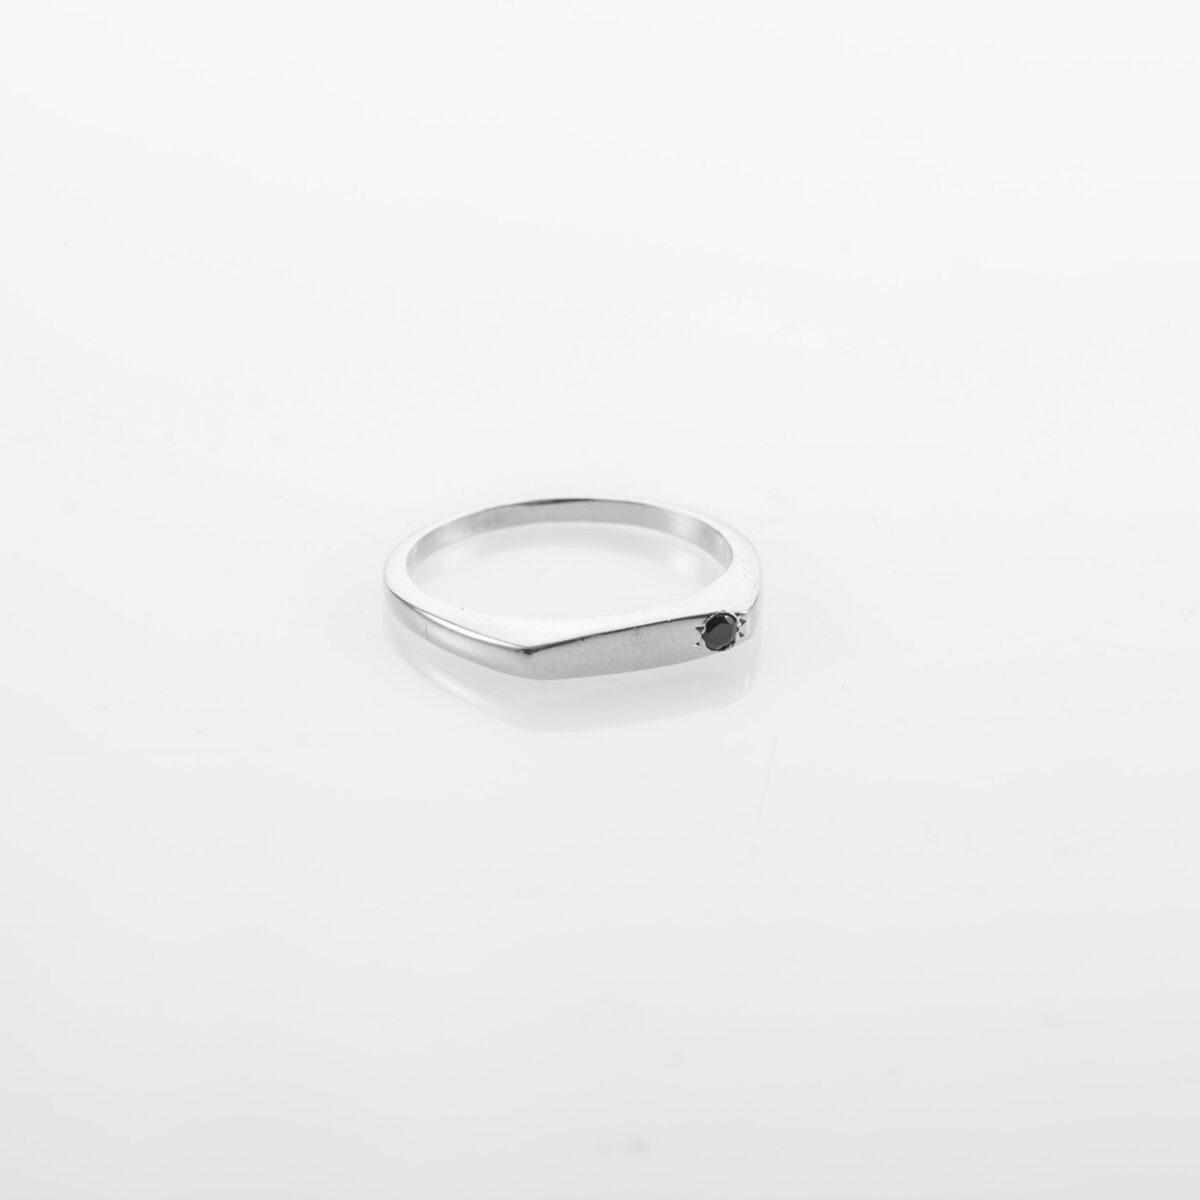 טבעת חותם עדינה משובצת